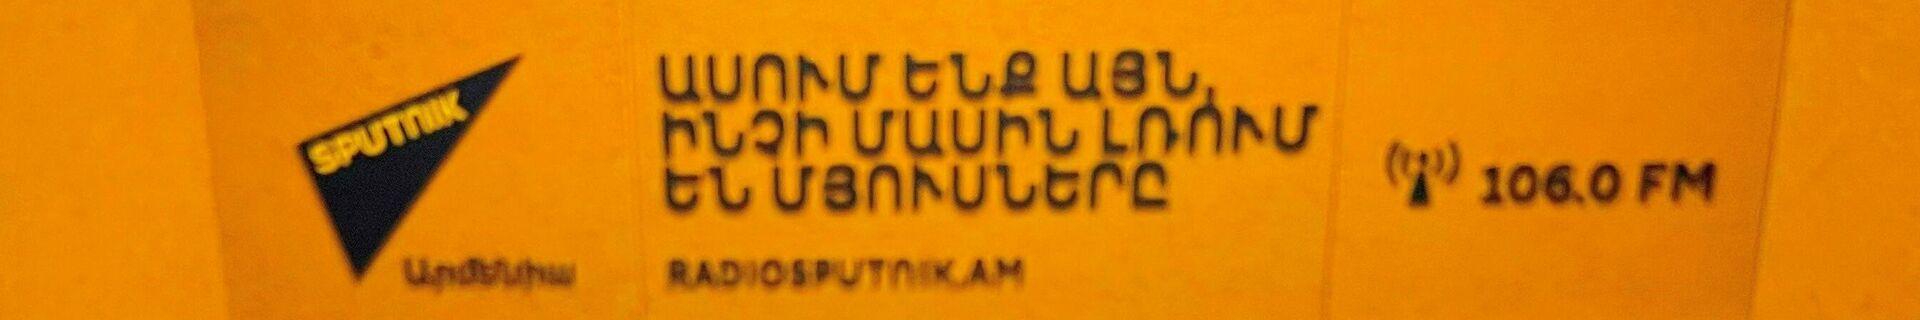 Фон для радио  - Sputnik Արմենիա